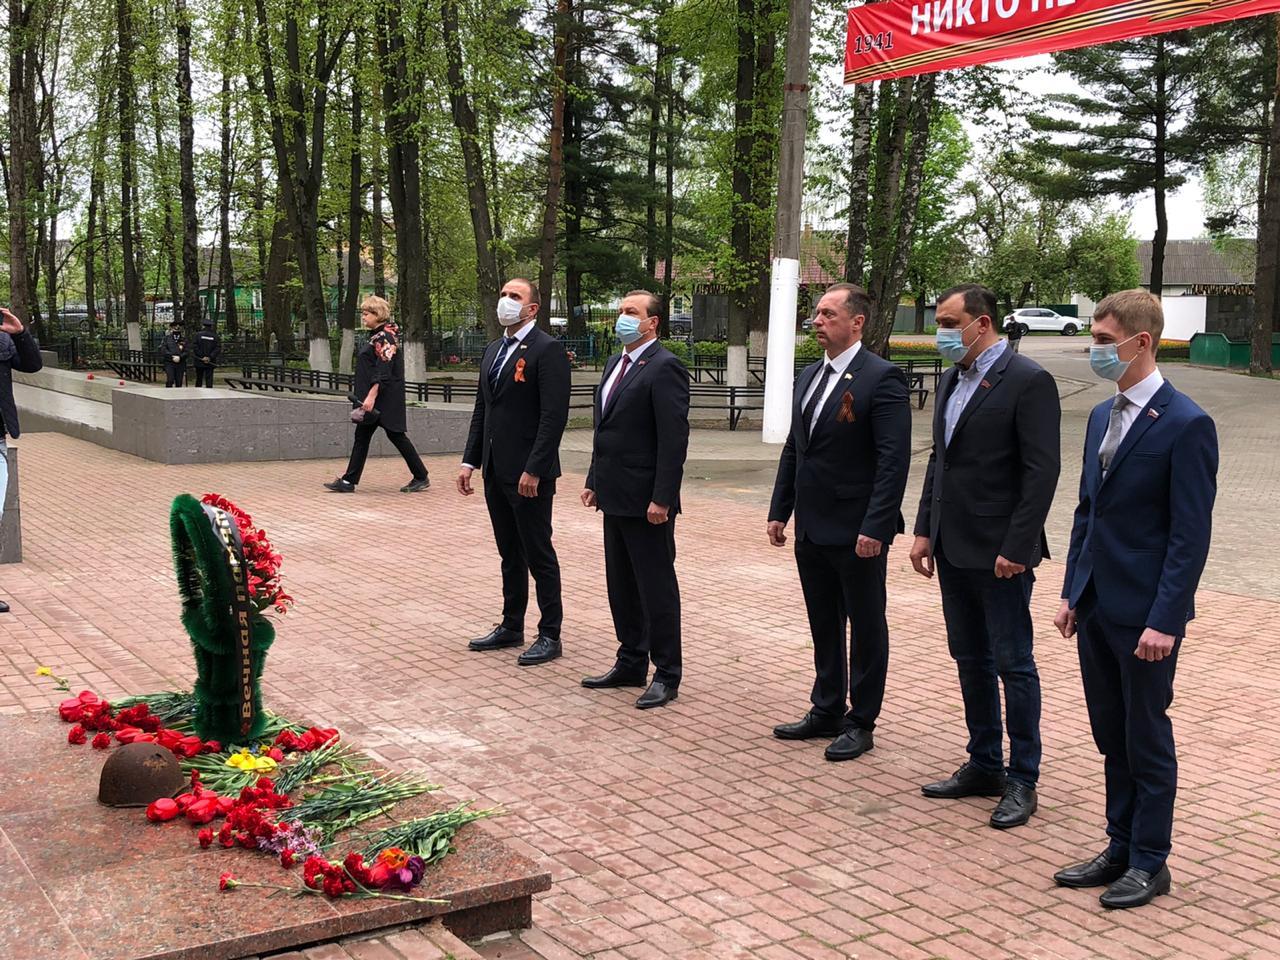 В День Победы брянские депутаты отЛДПР возложили цветы кпамятному мемориалу